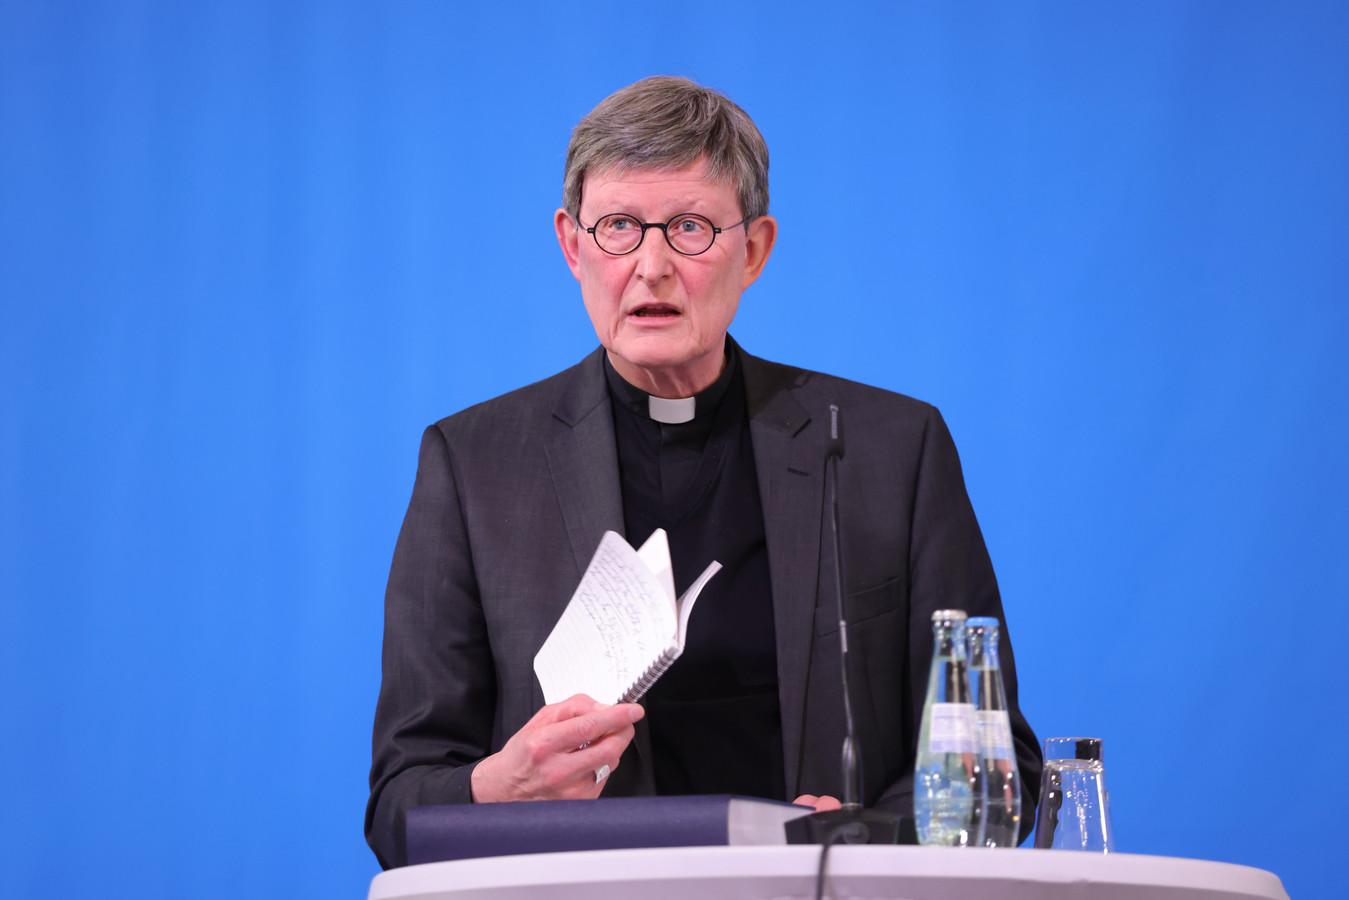 Kardinaal Rainer Maria Woelki reageert op het onderzoeksrapport.